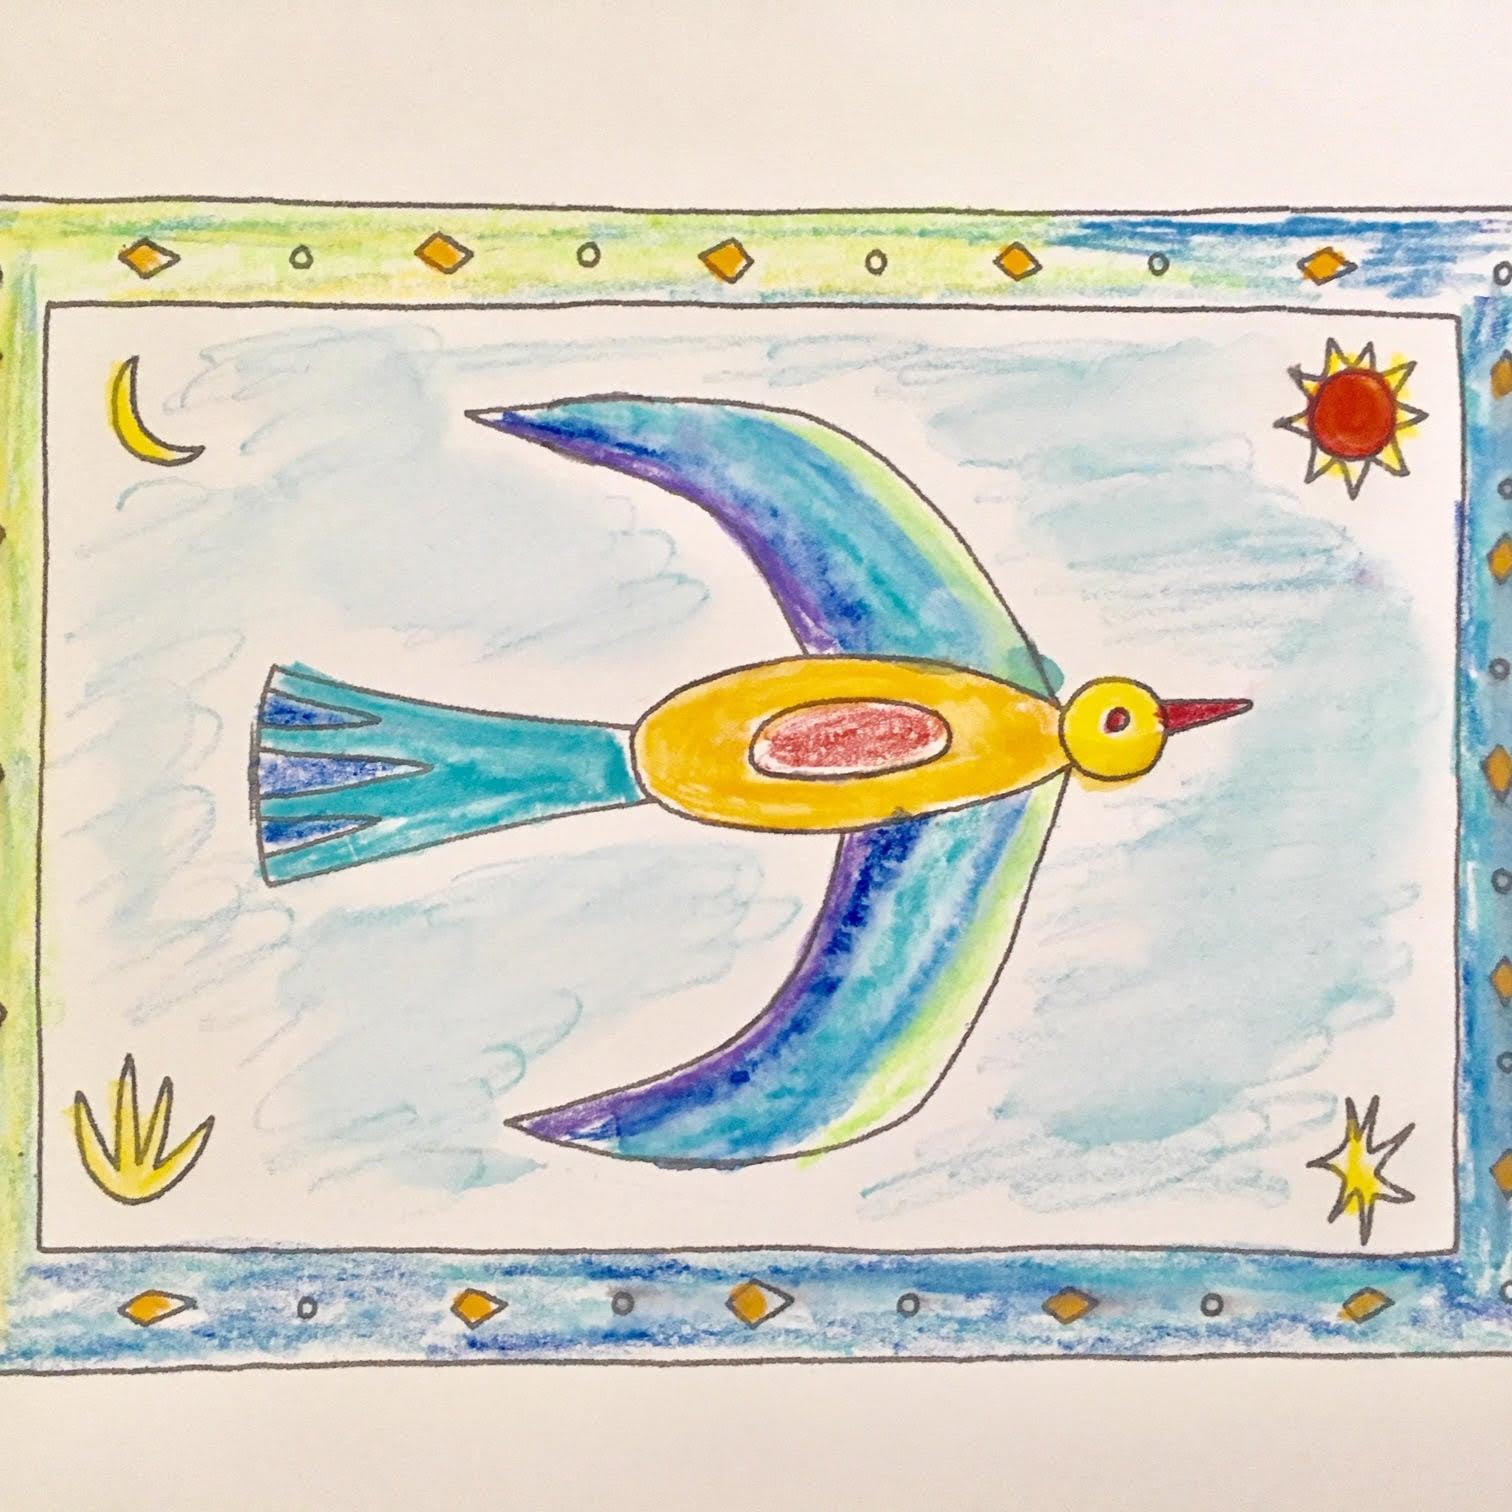 【全国対応】塗り絵アートセラピー通信講座のイメージその2